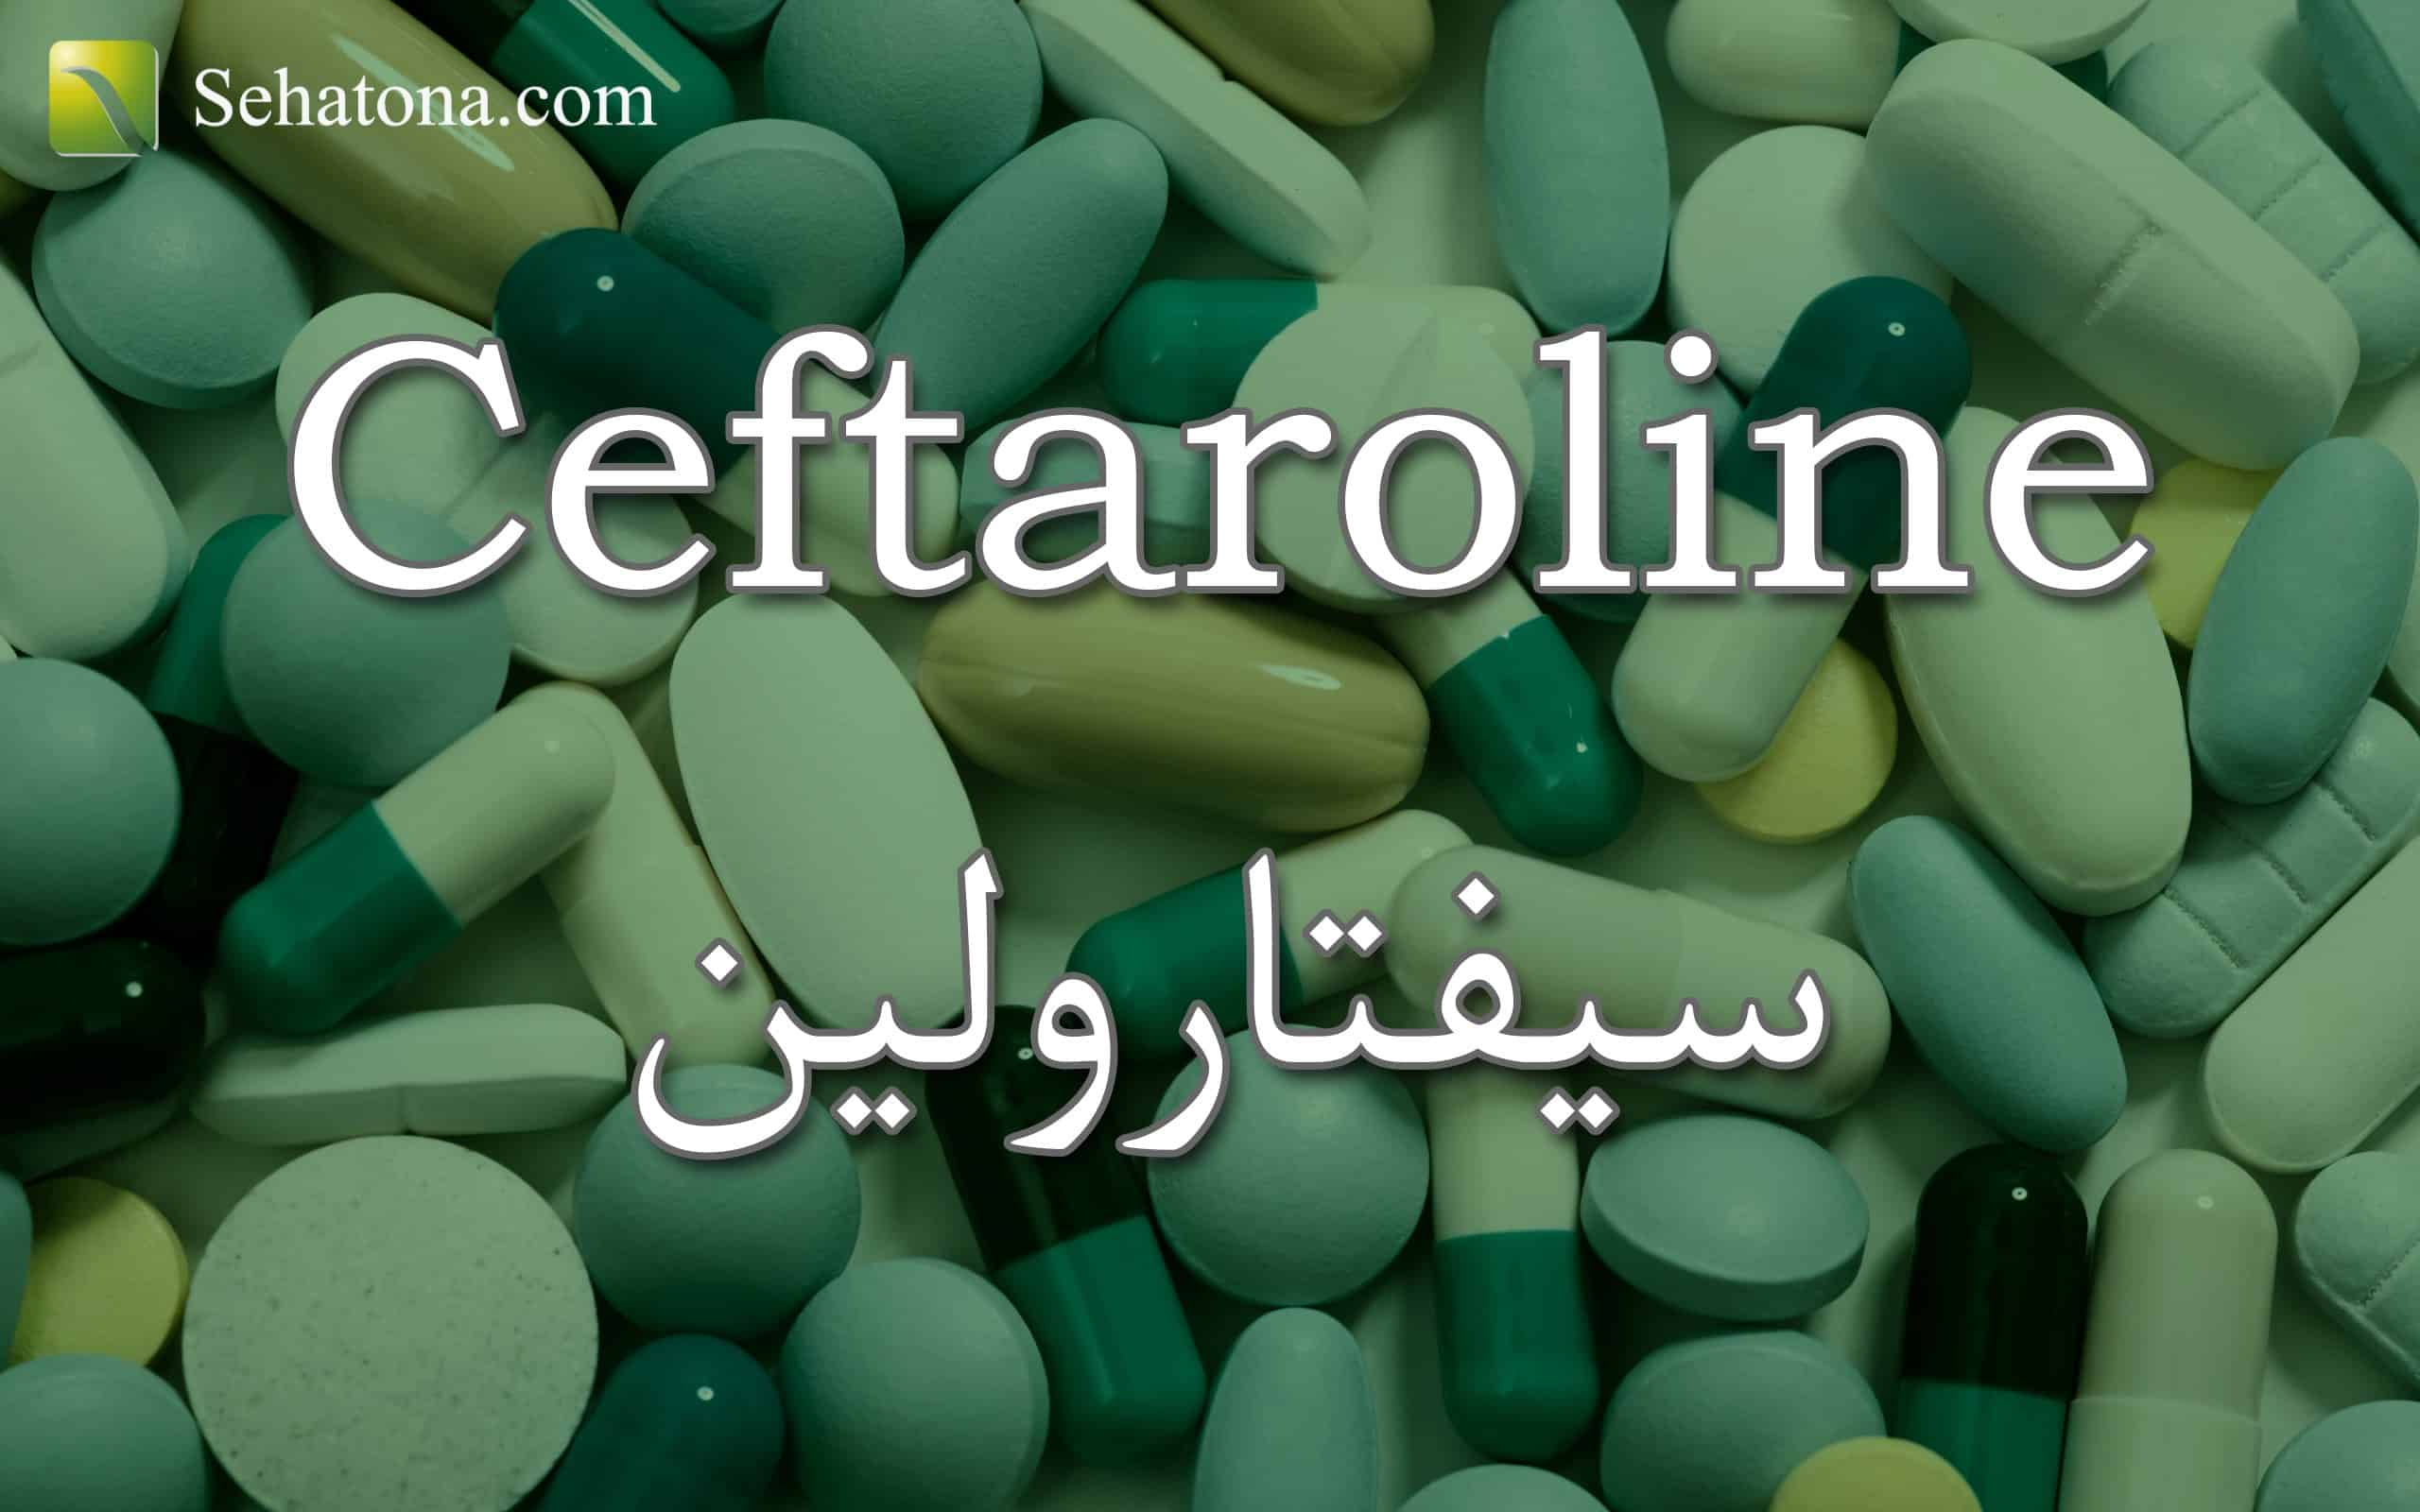 Ceftaroline